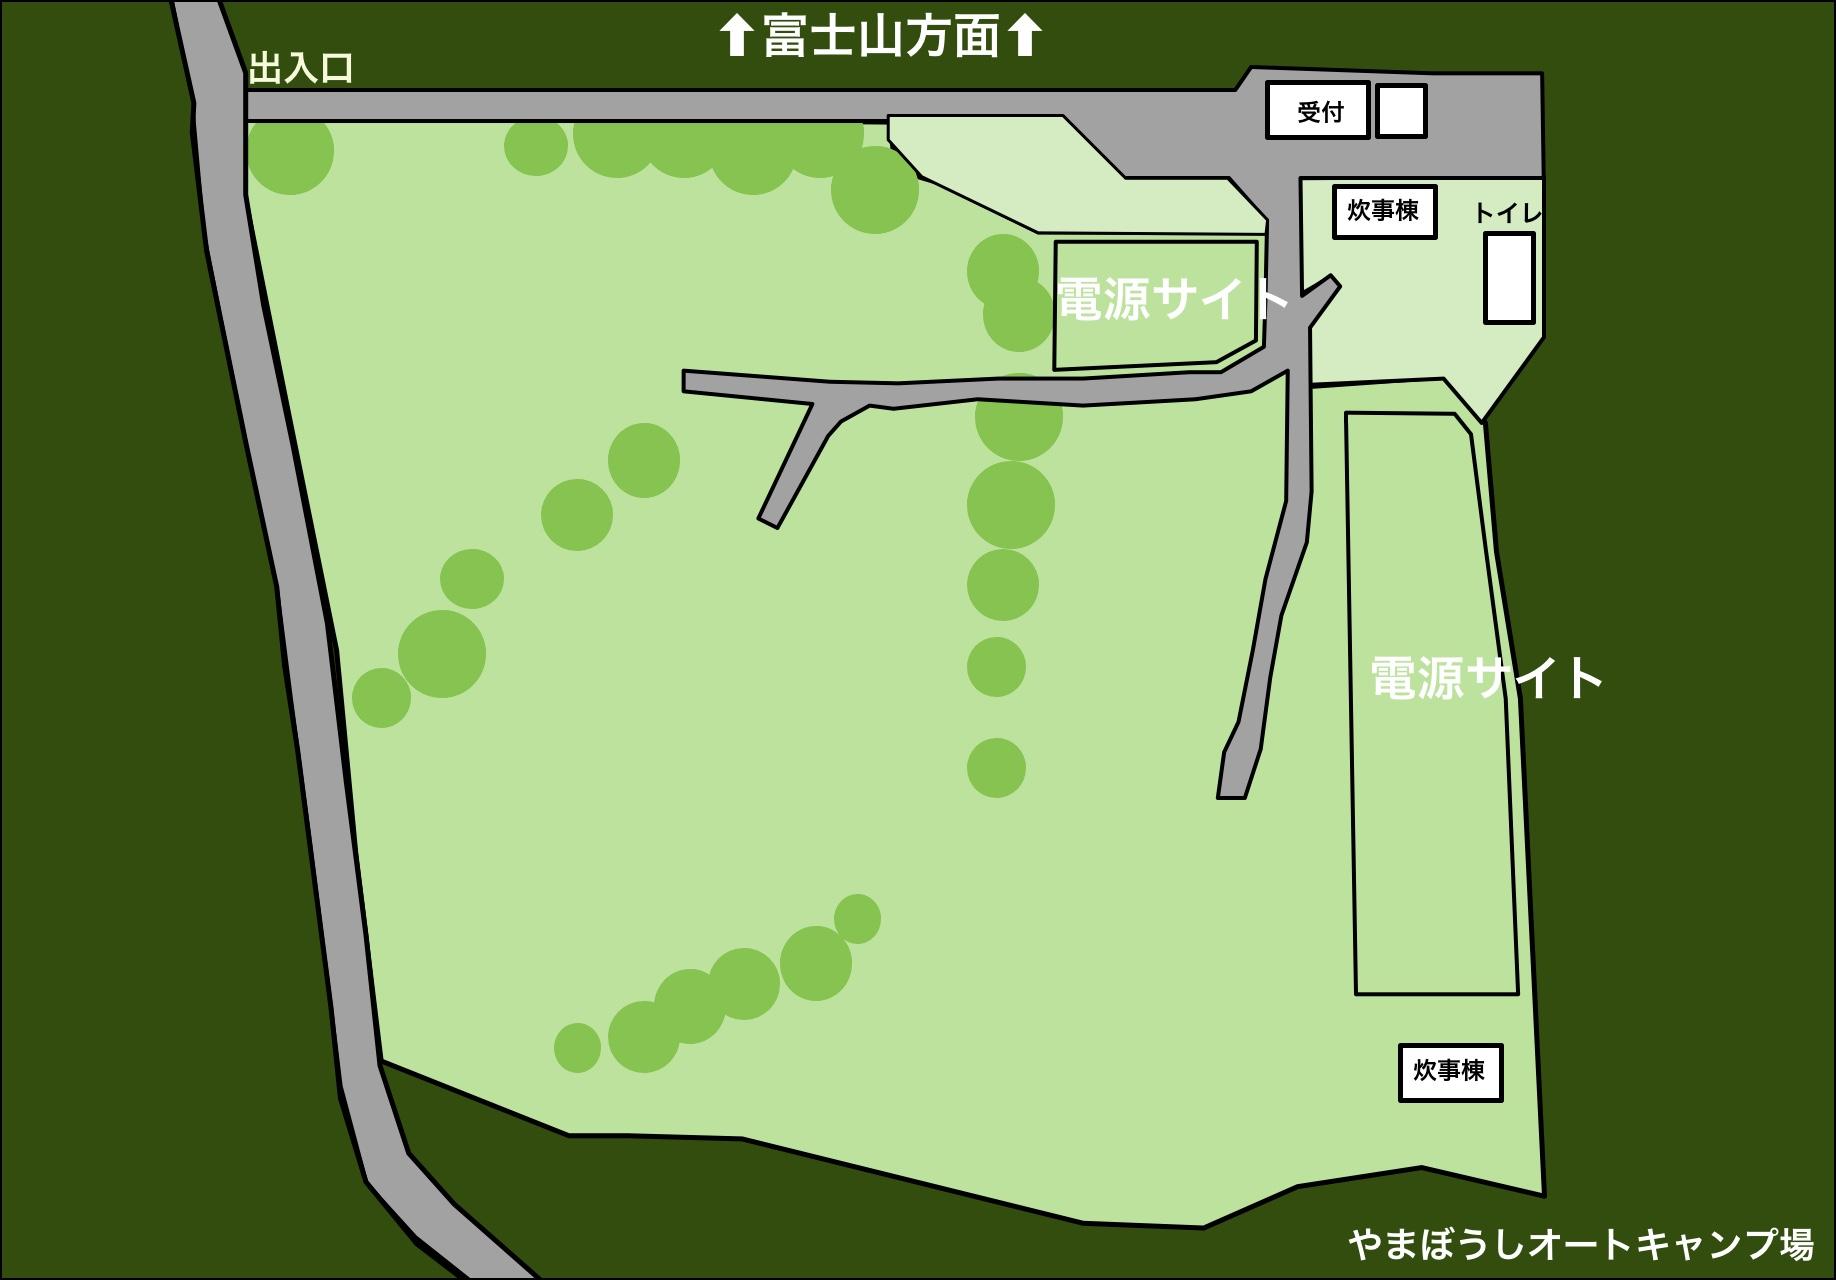 やまぼうしオートキャンプ場 サイト地図